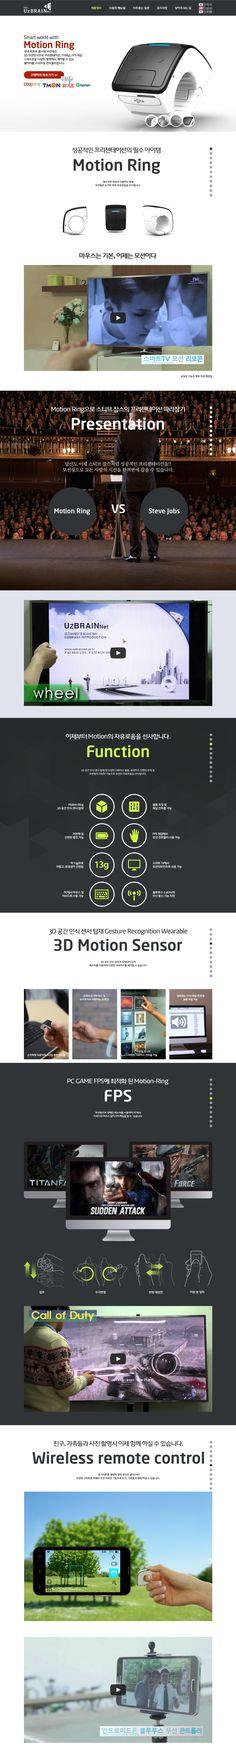 2014년 모션링 홈페이지 디자인/코딩 참여율: 100% http://motionring.co.kr/